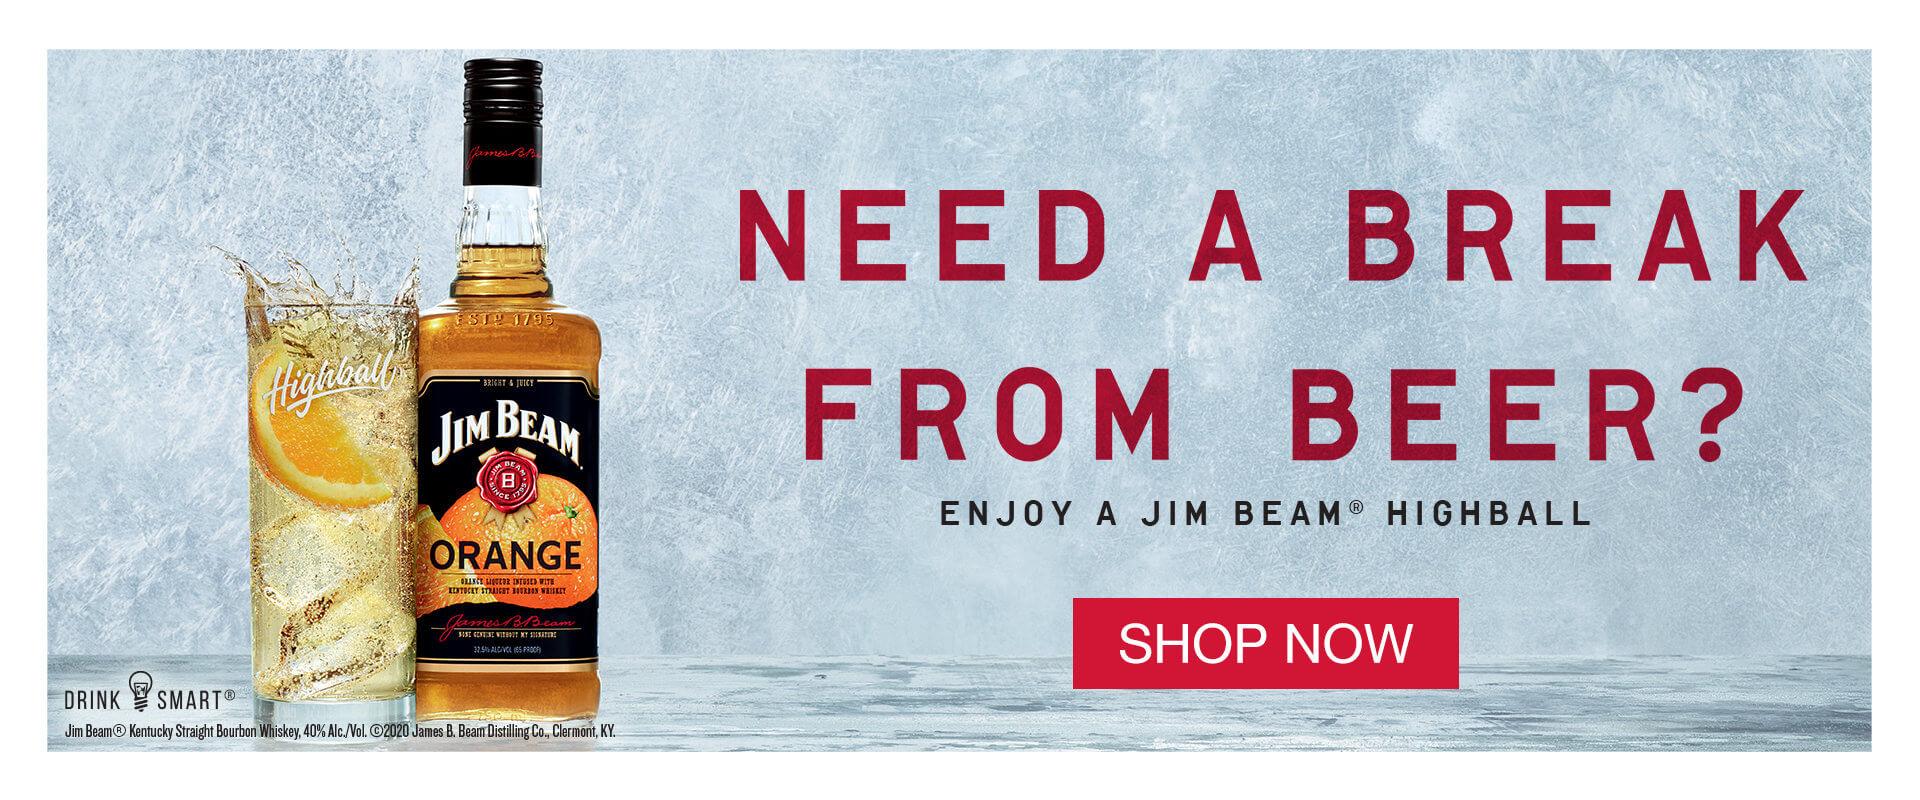 Need a break from beer?  Enjoy a Jim Bean Highball